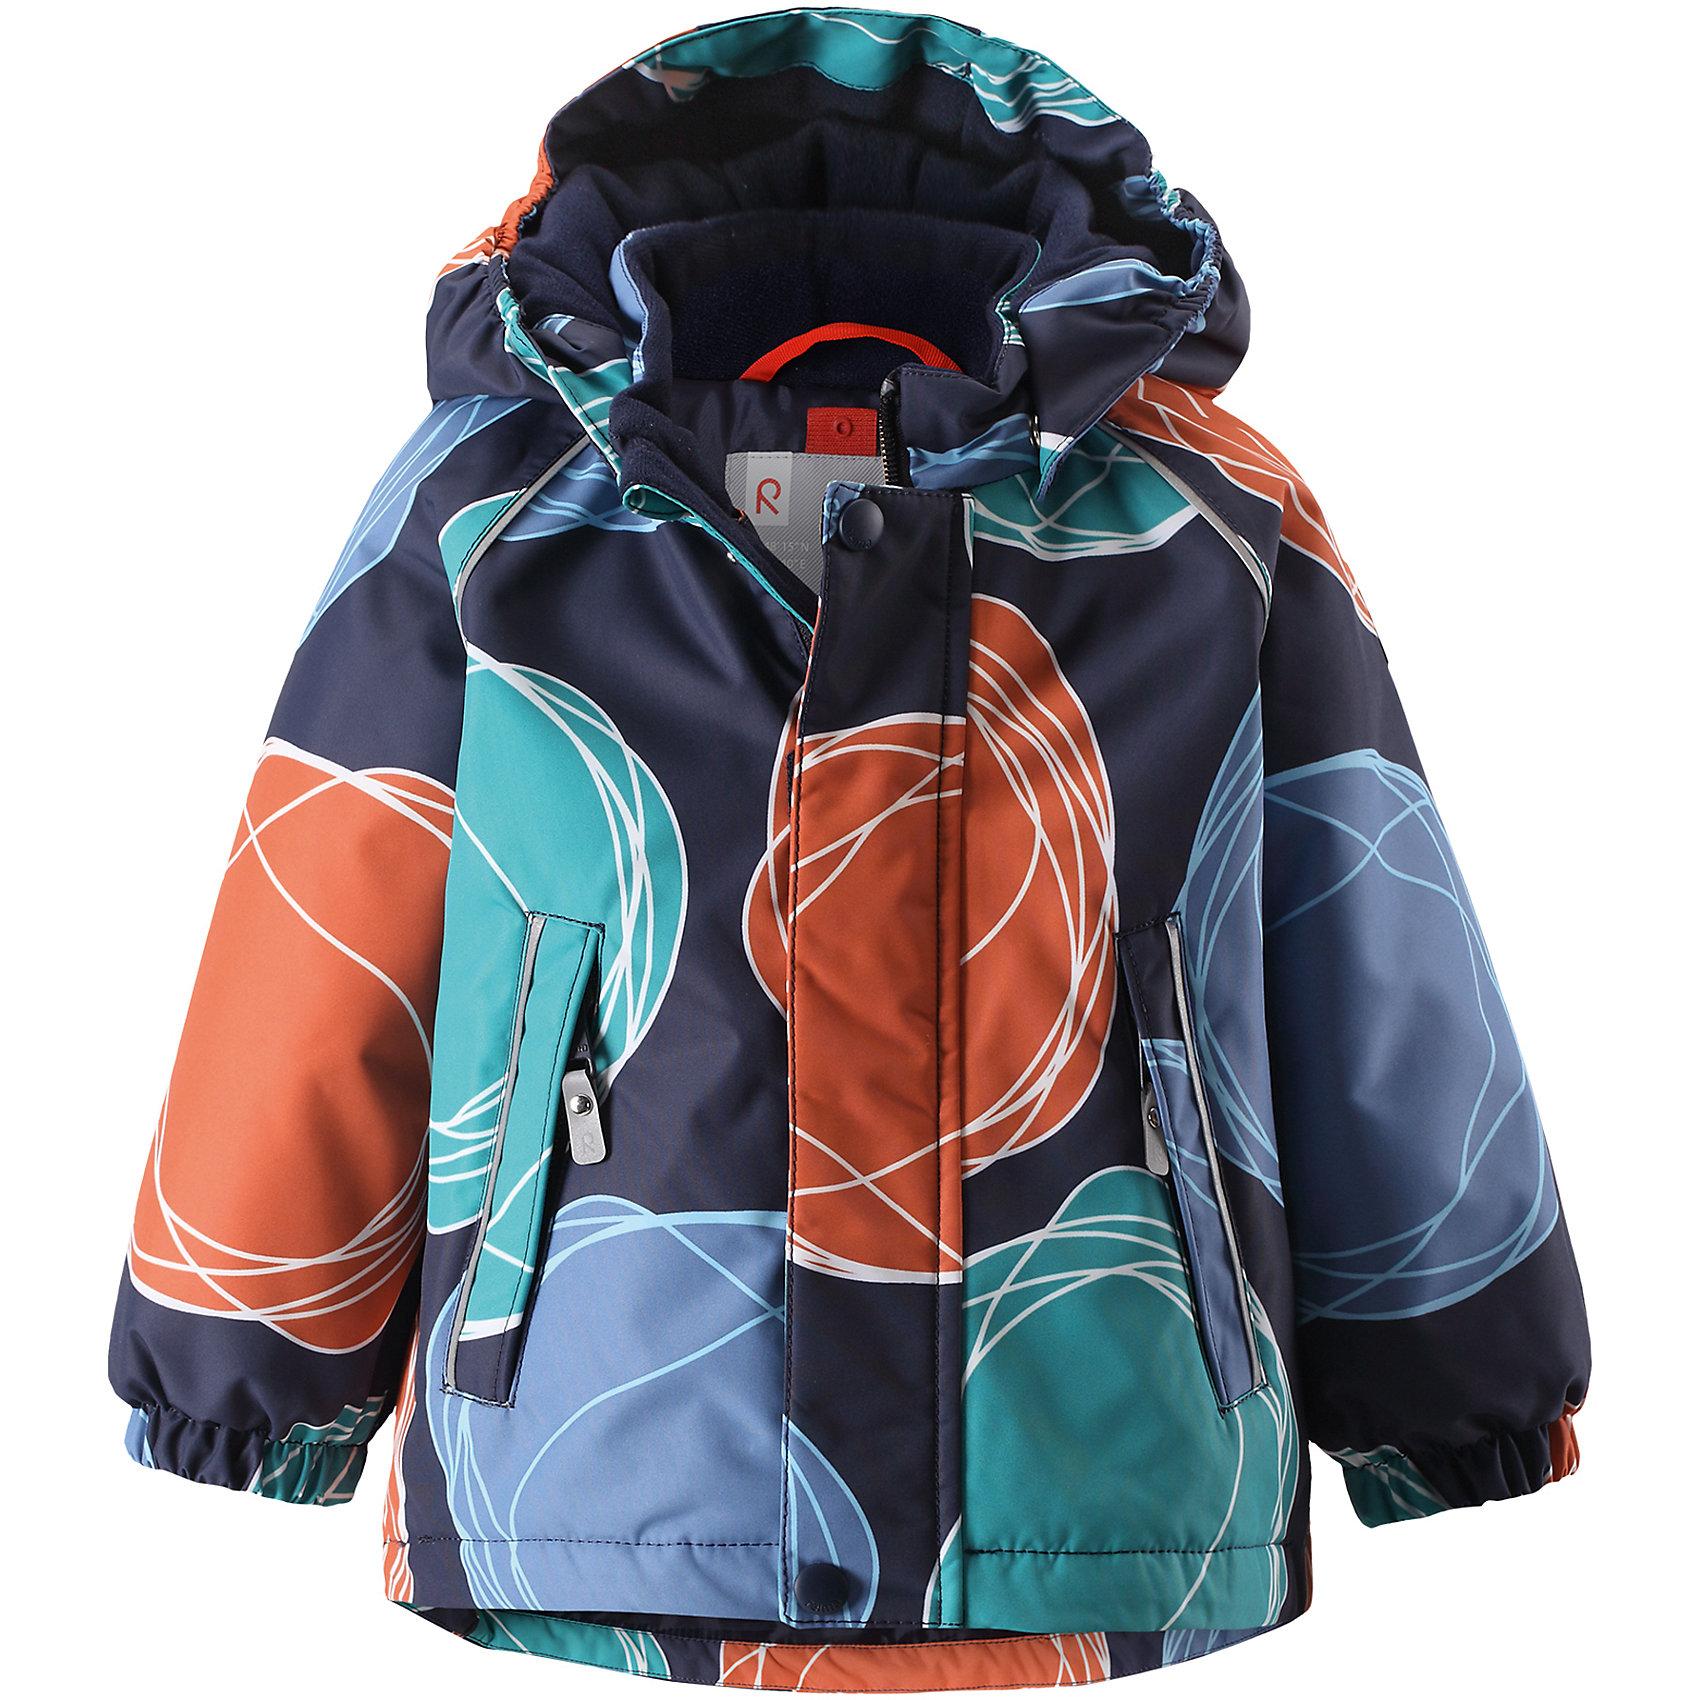 Куртка Reima Reimatec® Kuusi для мальчикаВерхняя одежда<br>Характеристики товара:<br><br>• цвет: синий <br>• состав: 100% полиэстер<br>• утеплитель: 100% полиэстер, 160 г/м2 (soft loft insulation)<br>• сезон: зима<br>• температурный режим: от 0 до -20С<br>• водонепроницаемость: 15000 мм<br>• воздухопроницаемость: 7000 мм<br>• износостойкость: 40000 циклов (тест Мартиндейла)<br>• особенности модели: с рисунком, с мехом<br>• основные швы проклеены и не пропускают влагу<br>• водо- и ветронепроницаемый, дышащий и грязеотталкивающий материал<br>• гладкая подкладка из полиэстера<br>• безопасный, съемный капюшон на кнопках<br>• съемный искусственный мех на капюшоне<br>• защита подбородка от защемления<br>• эластичные манжеты<br>• регулируемый подол<br>• застежка: молния<br>• дополнительная планка на кнопках<br>• два кармана на молнии<br>• светоотражающие детали<br>• страна бренда: Финляндия<br>• страна изготовитель: Китай<br><br>Зимняя куртка с капюшоном для мальчика. Все швы проклеены и водонепроницаемы, а сама она изготовлена из водо и ветронепроницаемого, грязеотталкивающего материала. Гладкая подкладка и длинная застежка на молнии облегчают надевание.<br><br>Съемный капюшон защищает от ветра, к тому же он абсолютно безопасен – легко отстегнется, если вдруг за что-нибудь зацепится. Маленькие карманы на молнии надежно сохранят все сокровища. Обратите внимание: куртку можно сушить в сушильной машине. Зимняя куртка на молнии для мальчика декорирована абстрактным рисунком.<br><br>Куртка Kuusi для мальчика Reimatec® Reima от финского бренда Reima (Рейма) можно купить в нашем интернет-магазине.<br><br>Ширина мм: 356<br>Глубина мм: 10<br>Высота мм: 245<br>Вес г: 519<br>Цвет: зеленый<br>Возраст от месяцев: 24<br>Возраст до месяцев: 36<br>Пол: Мужской<br>Возраст: Детский<br>Размер: 98,80,86,92<br>SKU: 6908255